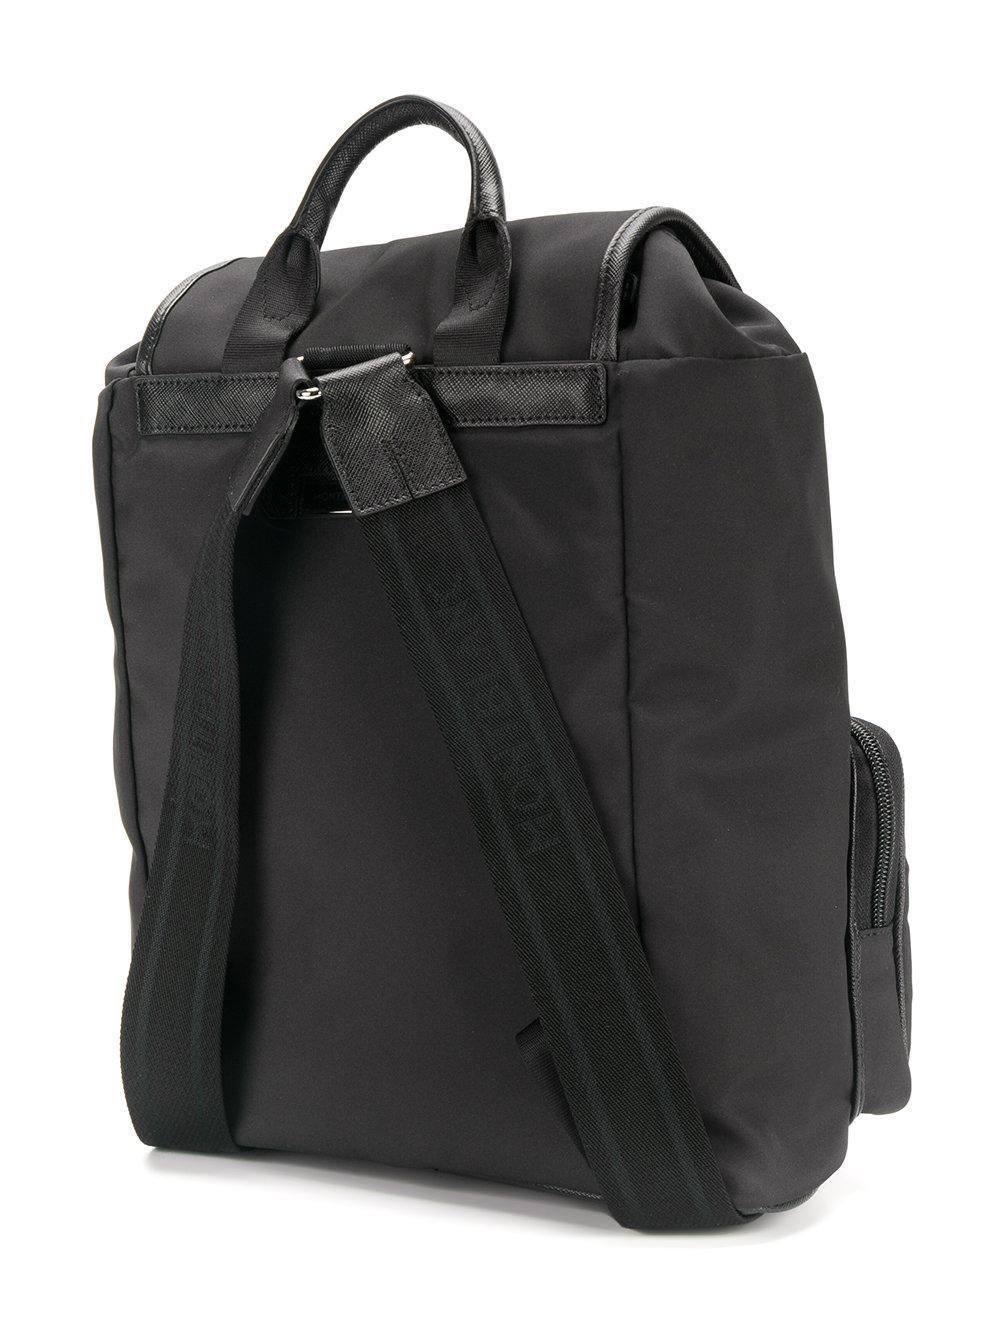 78d194cedd Lyst - Petit sac porté épaule Jet Montblanc pour homme en coloris Noir